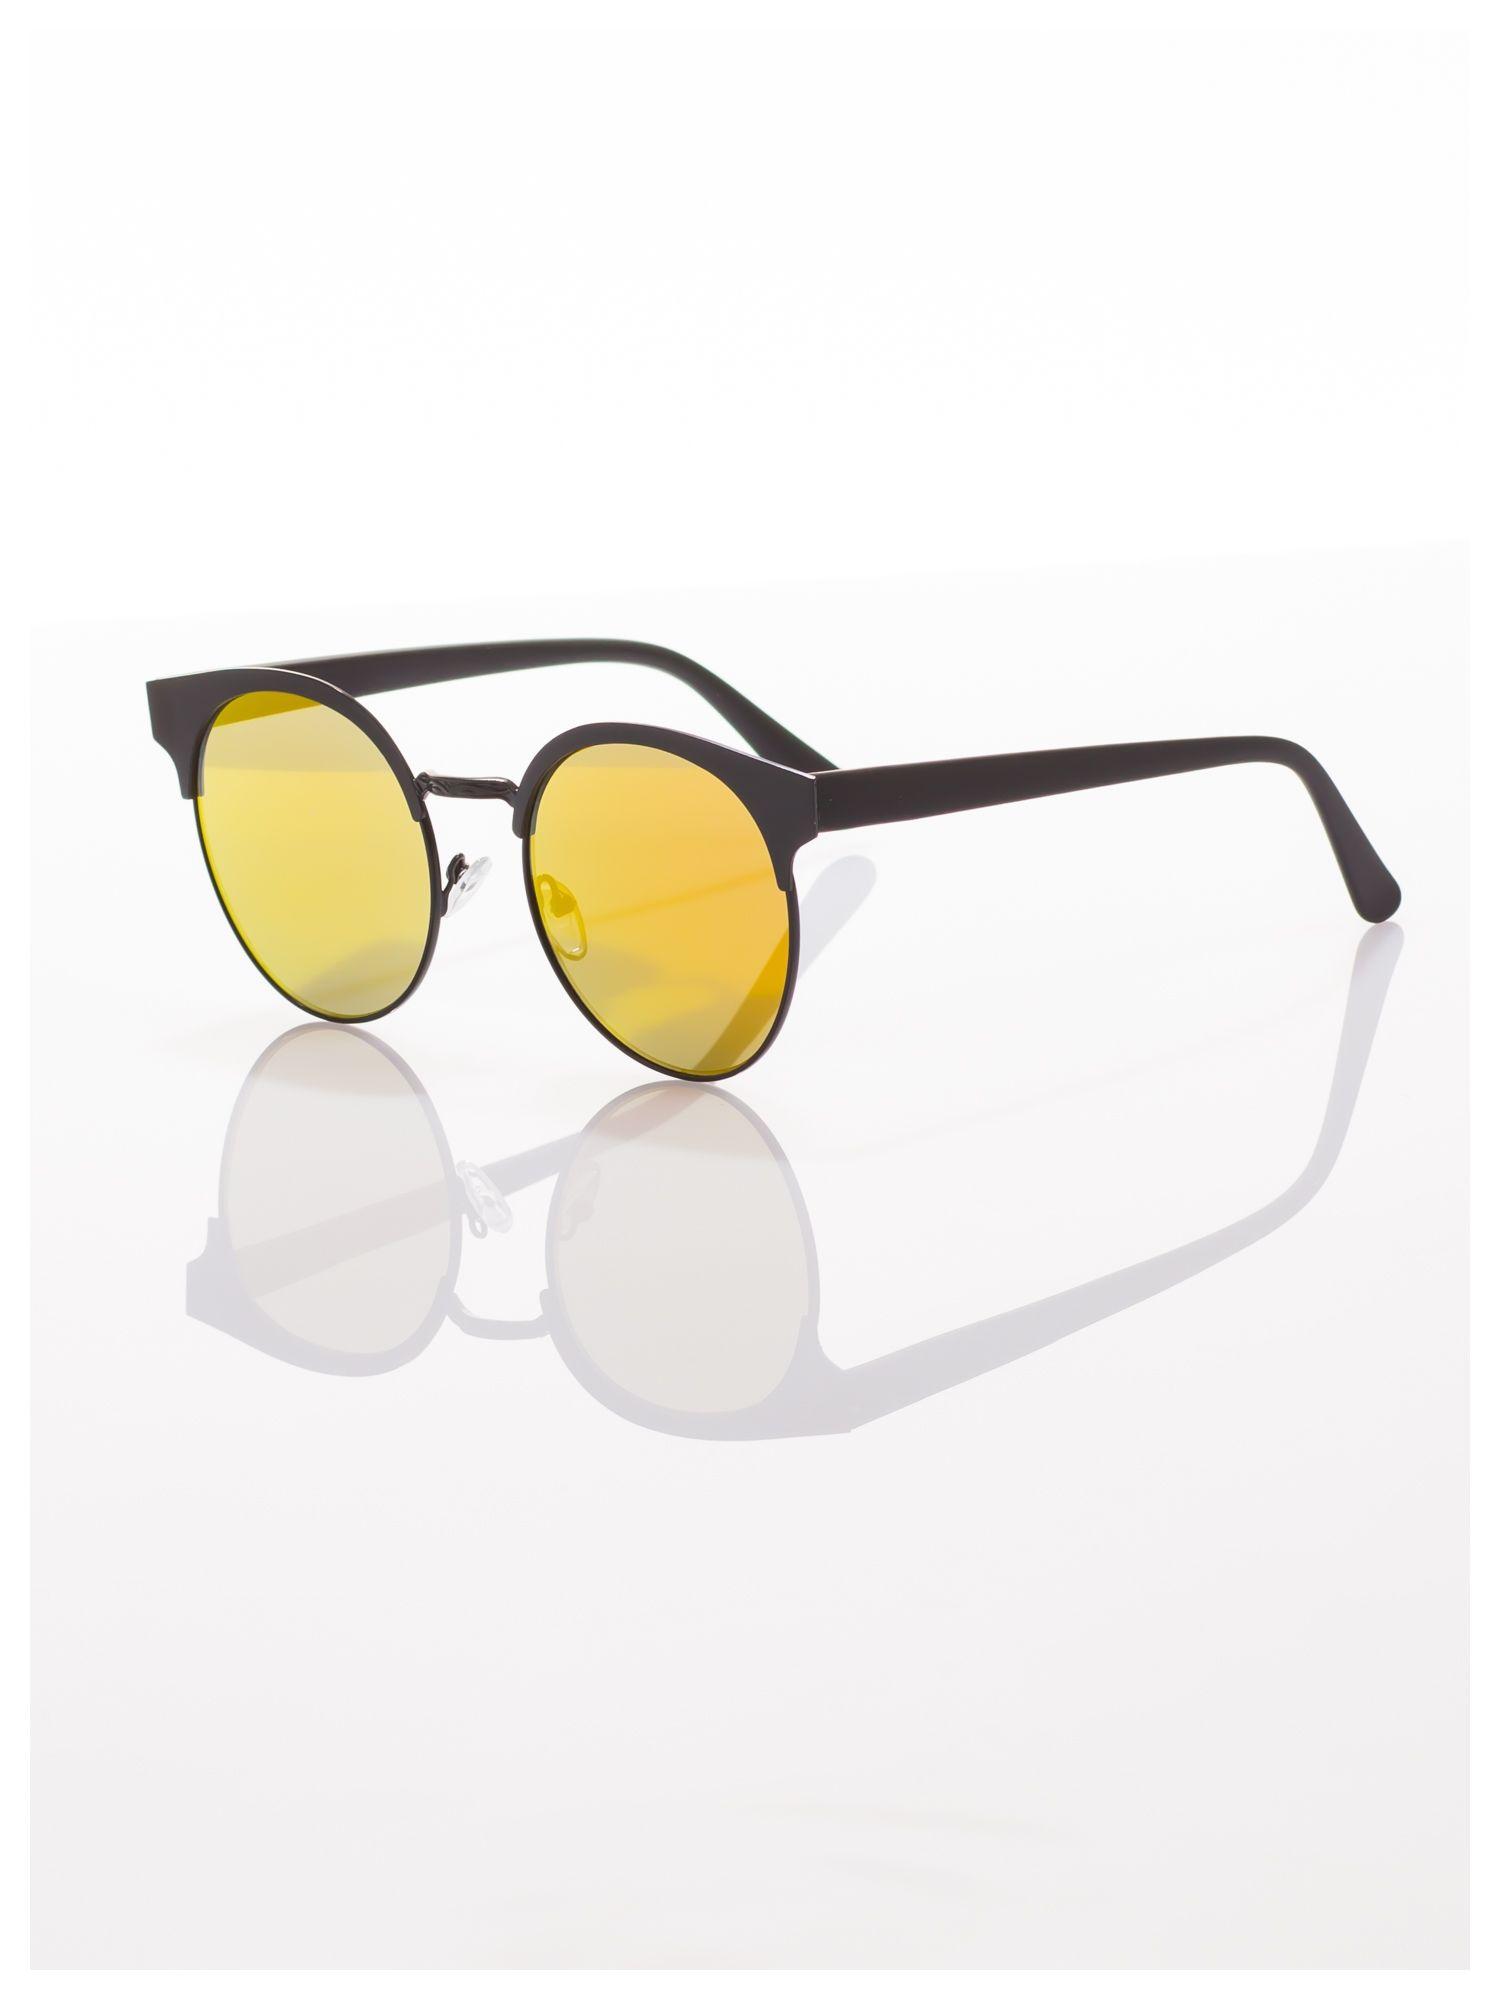 FASHION okulary przeciwsłoneczne KOCIE OCZY VINTAGE                                  zdj.                                  2